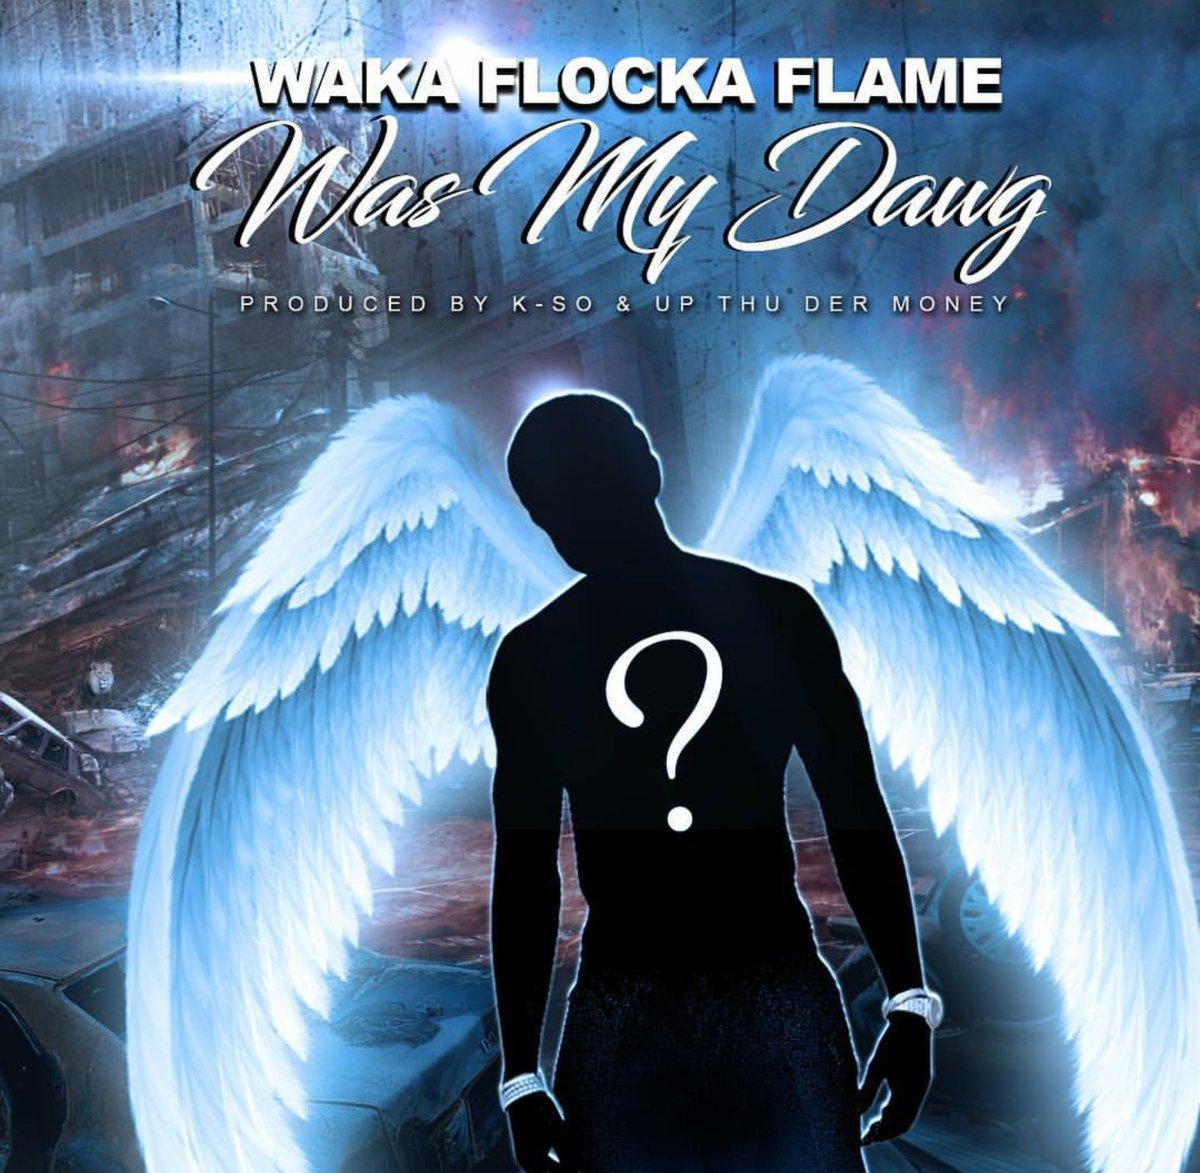 Waka Flocka – Was My Dawg (Gucci Mane Diss)